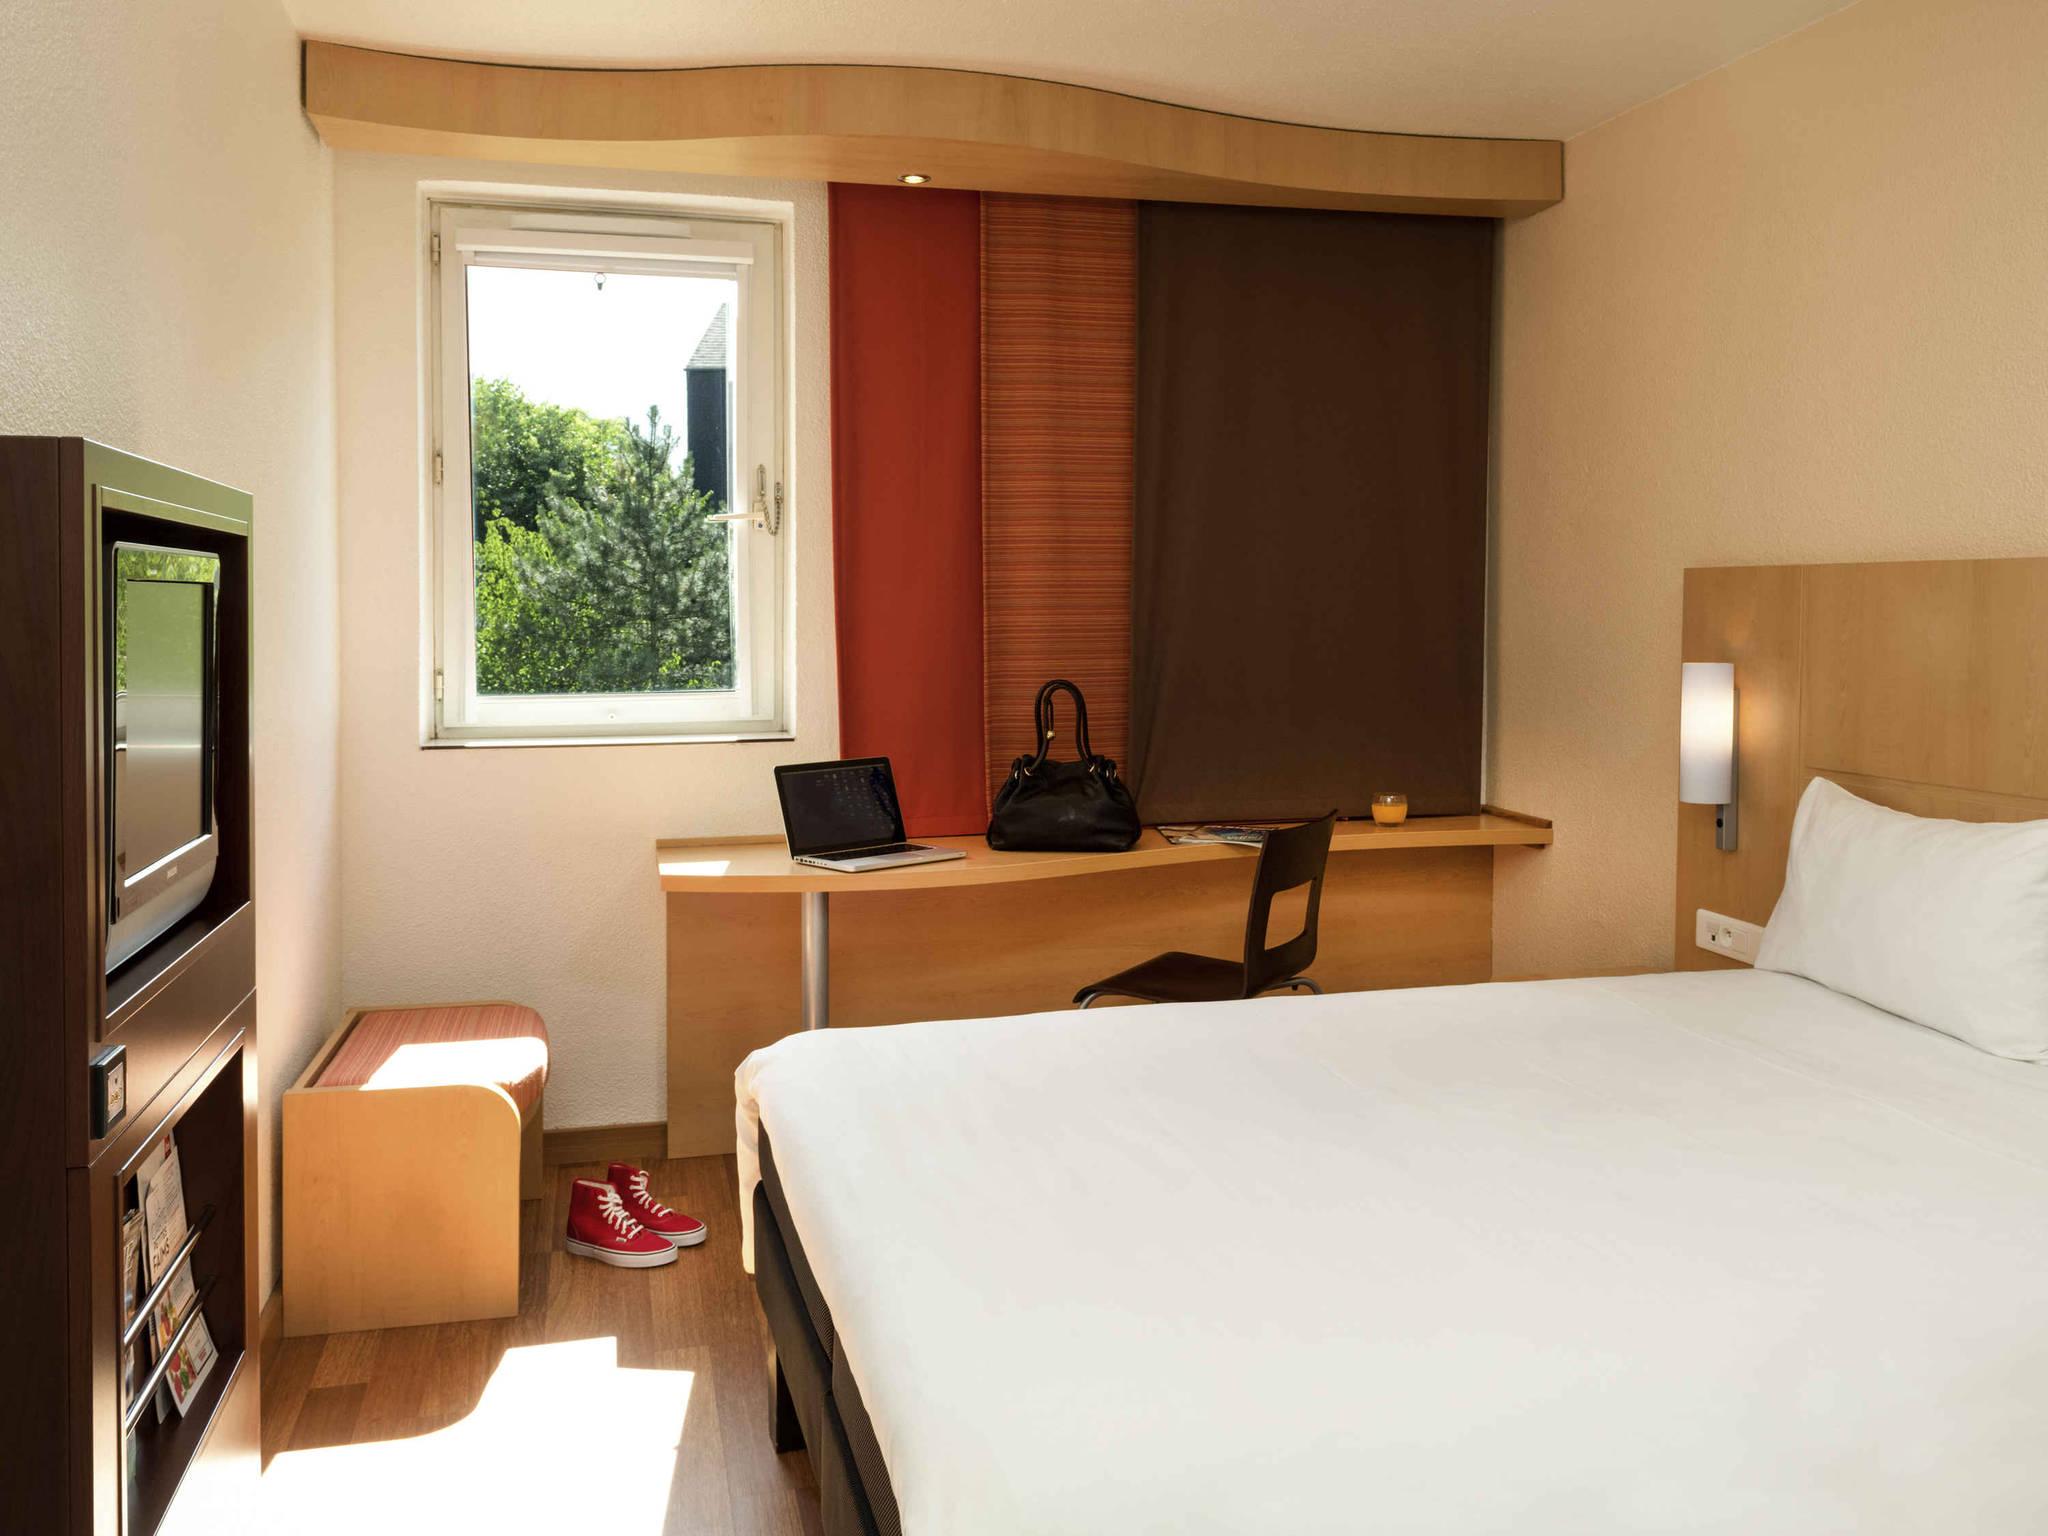 hotel in nogent sur marne ibis nogent sur marne. Black Bedroom Furniture Sets. Home Design Ideas